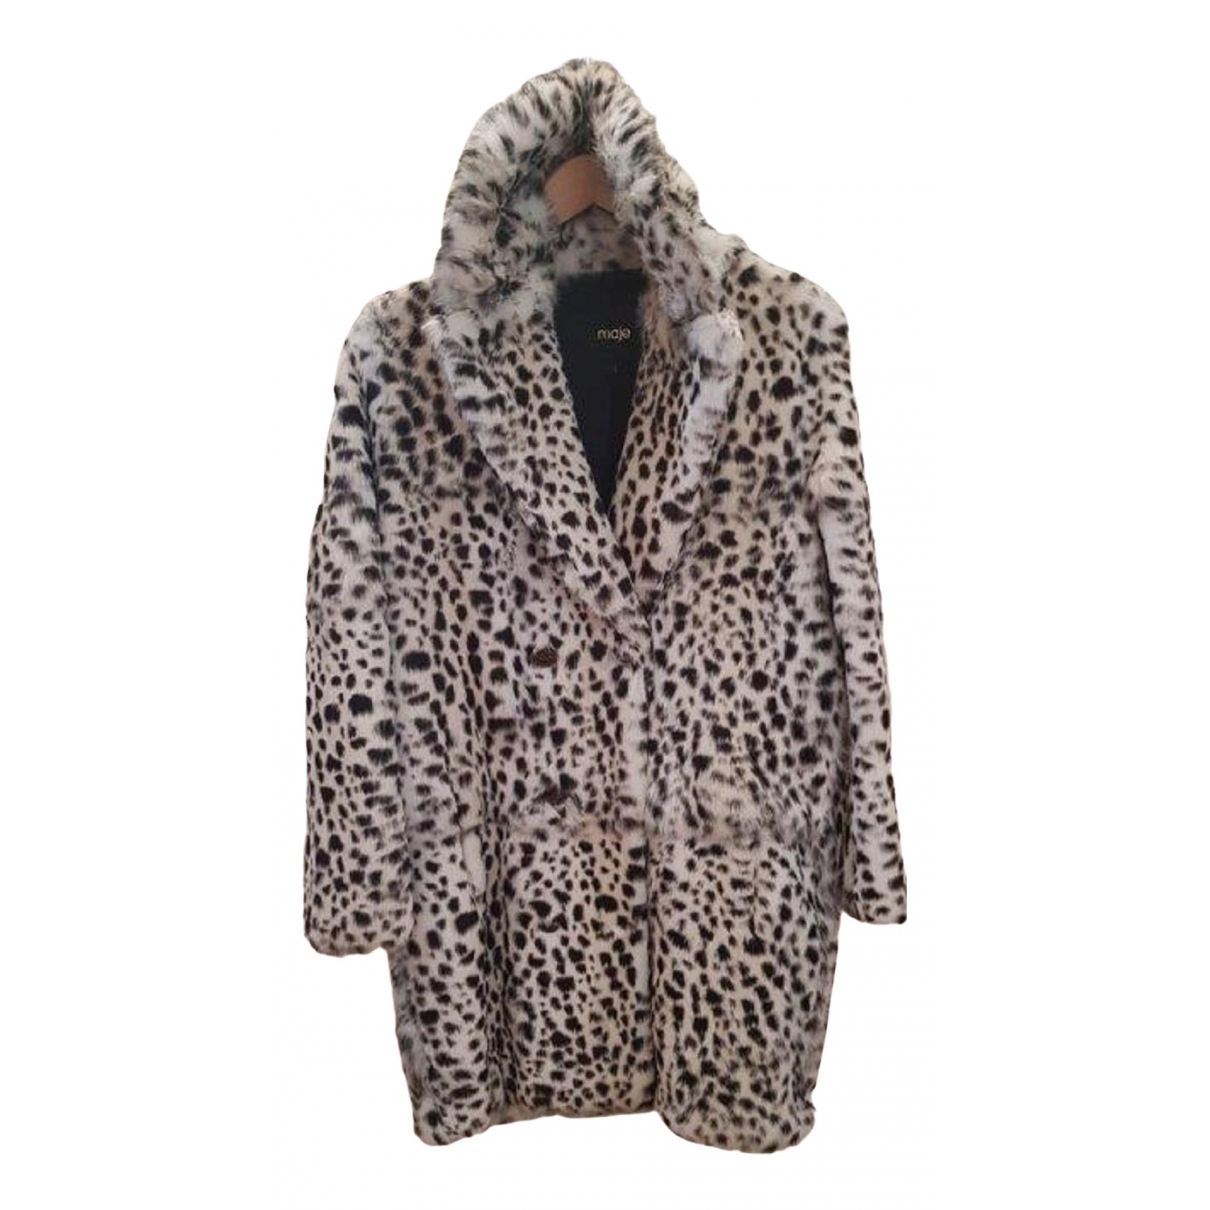 Maje \N White Rabbit coat for Women 1 0-5